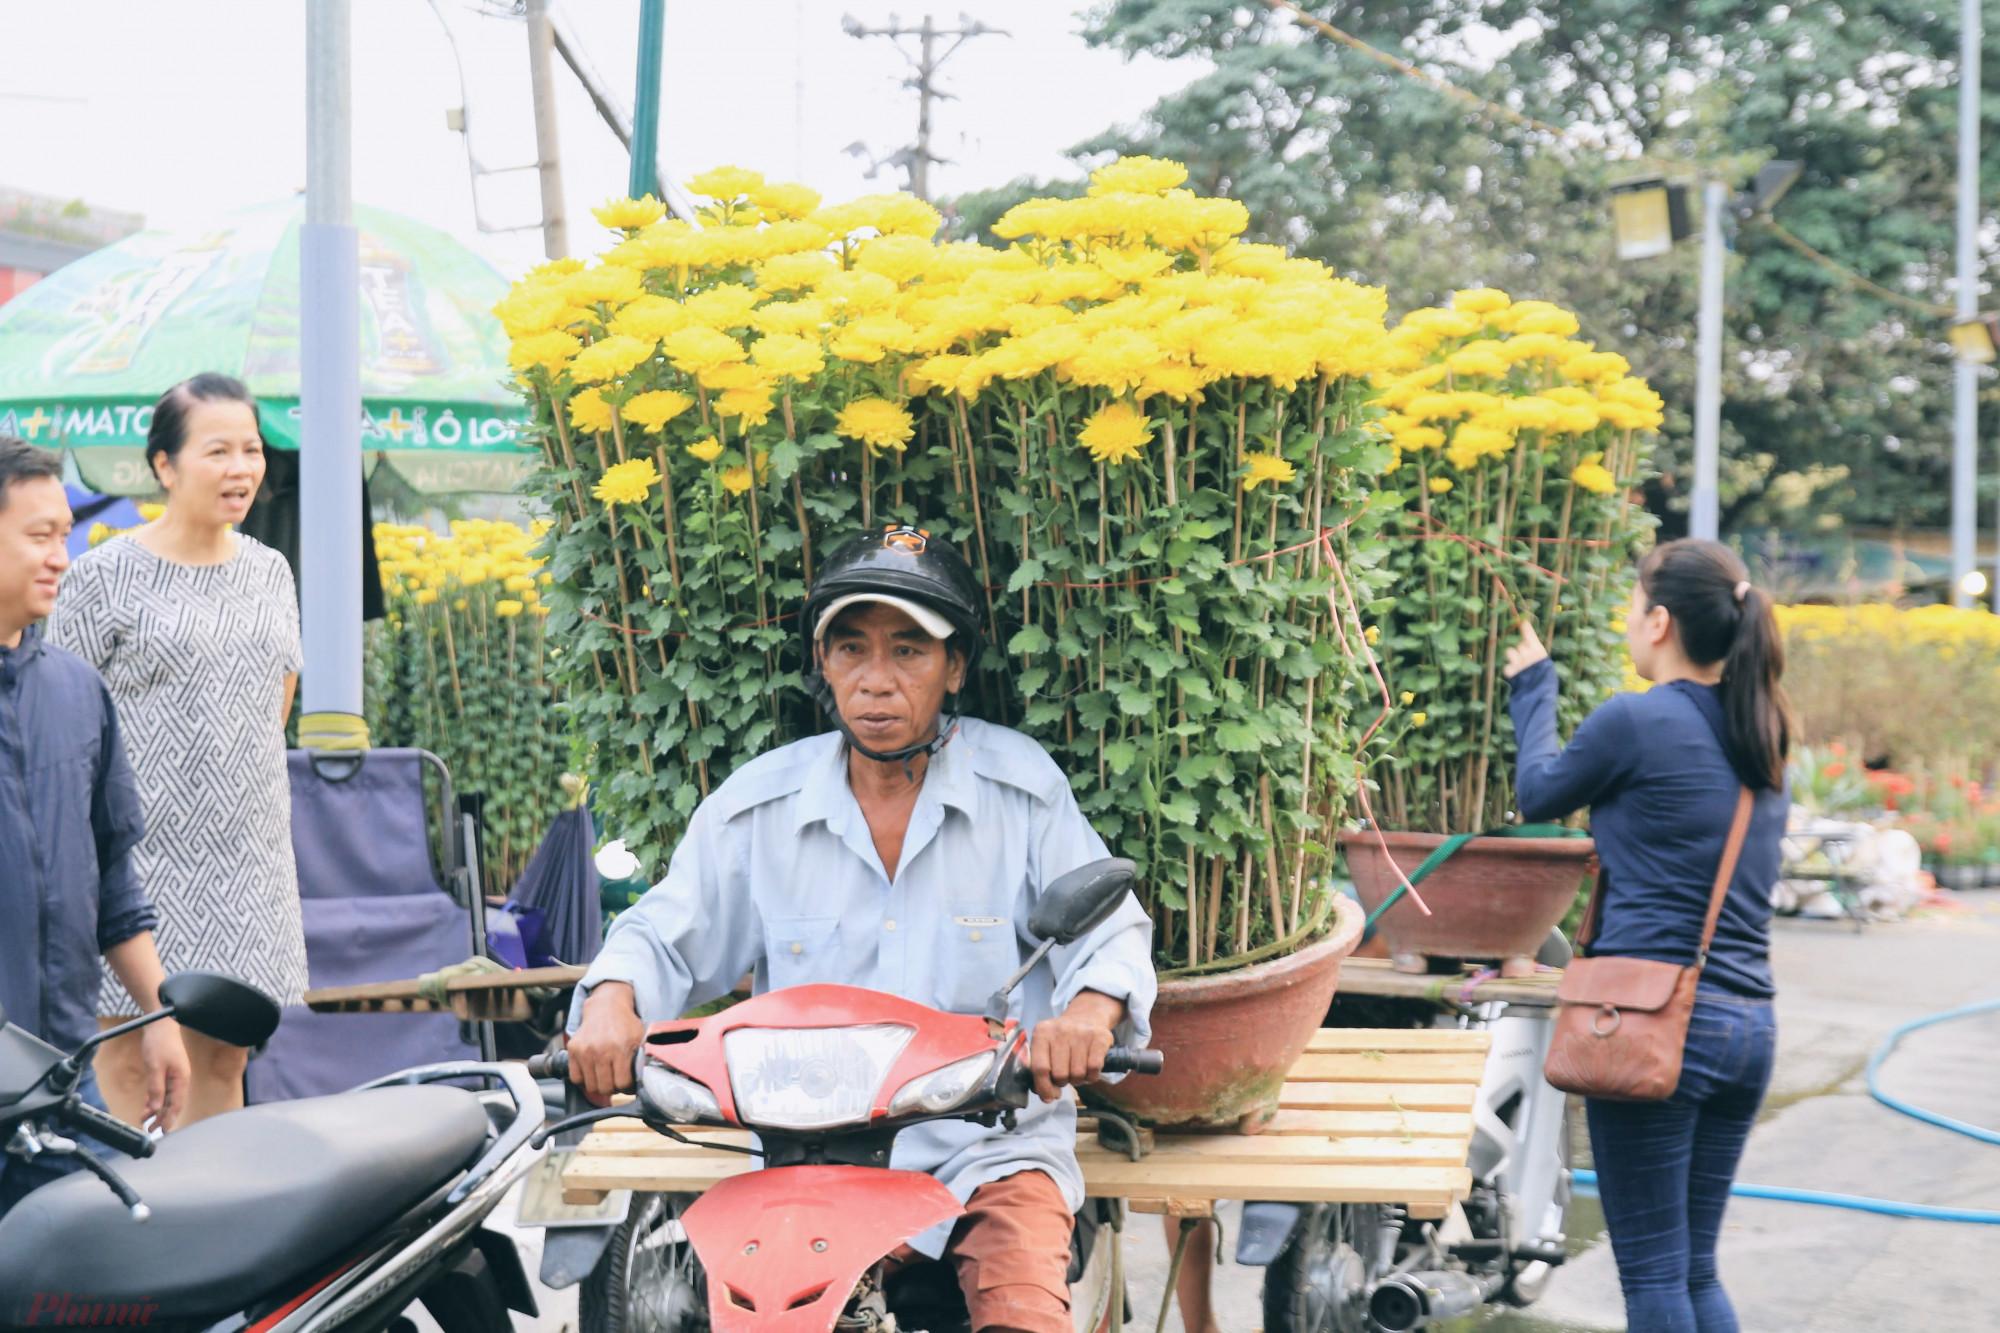 Từng tiết lộ với phóng viên, một người bán hoa cúc vàng tại TPHCM, mỗi mùa Tết sau khi tính mọi chi phí như nguồn hoa, mặt bằng, nhân công bán hàng, vận chuyển,... một mùa tết kiếm từ 200-300 triệu đồng.